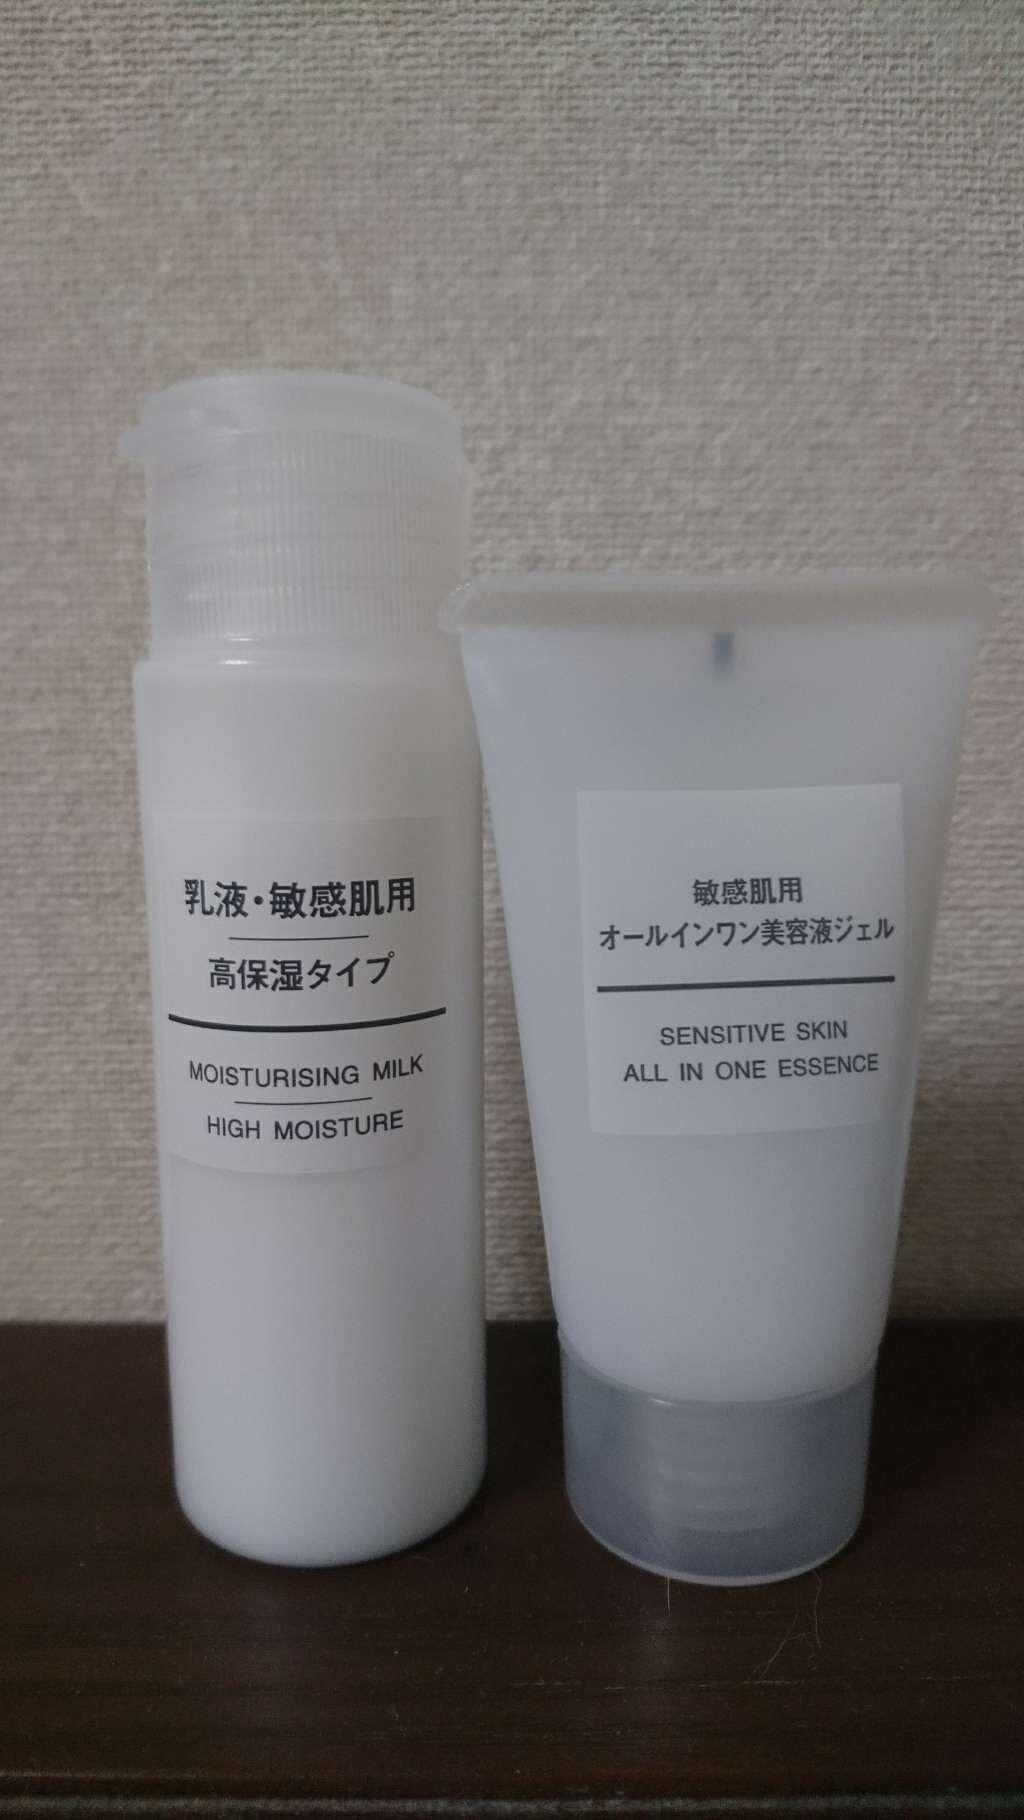 乳液・敏感肌用・高保湿タイプ|無印良品を使った口コミ ...